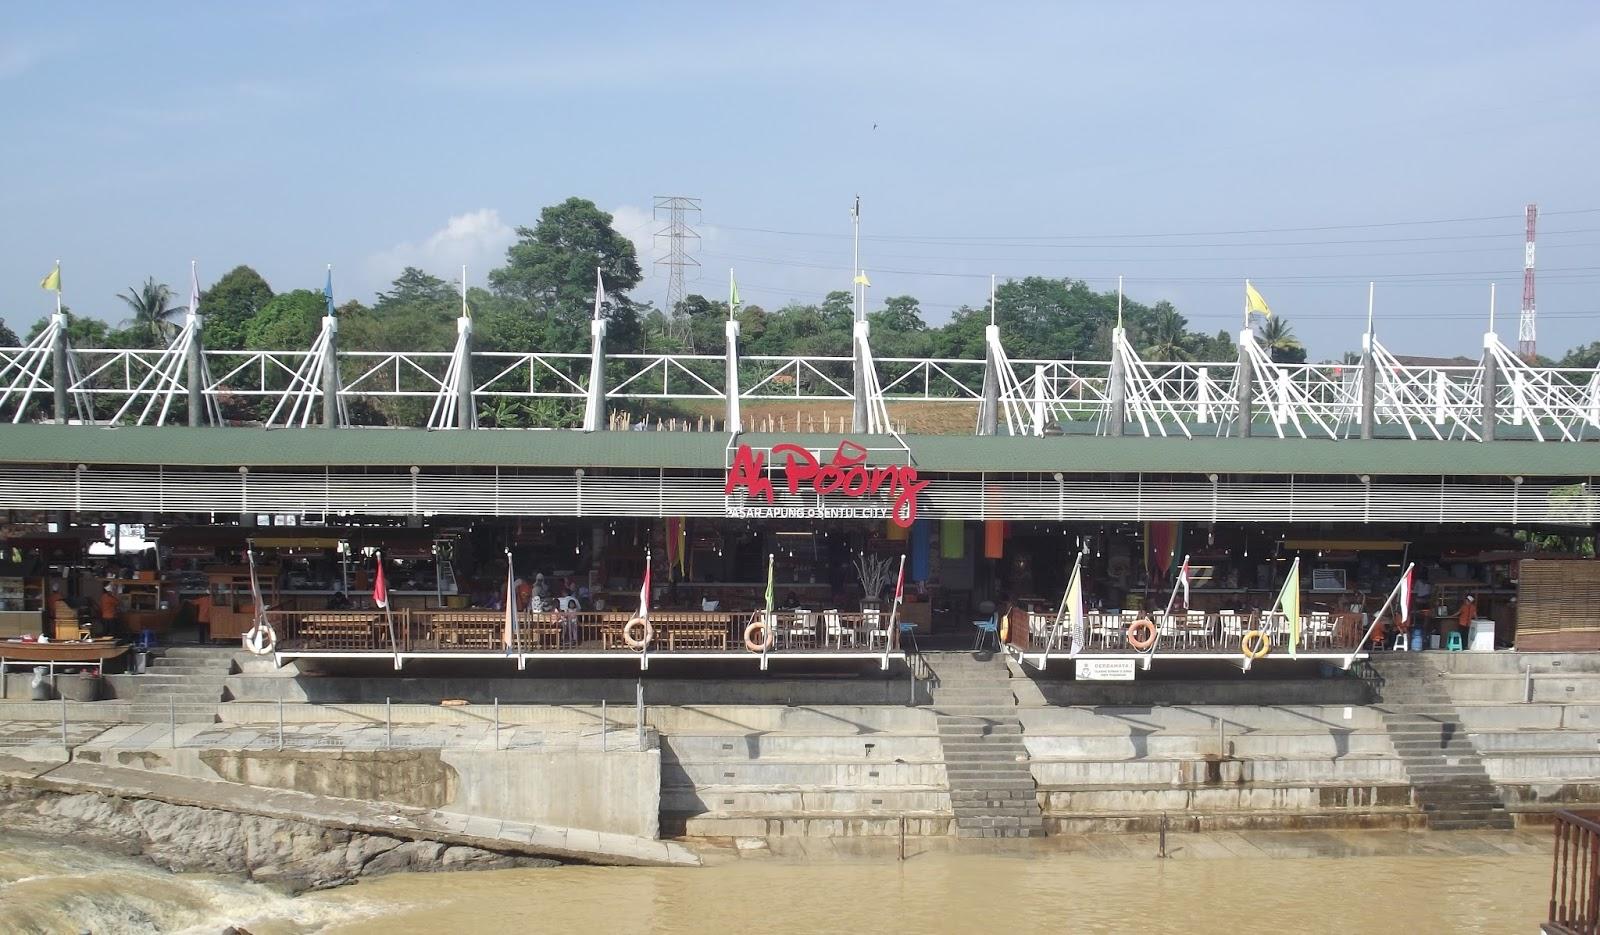 Icip-Icip Kuliner Ah Poong Pasar Apung Sentul City